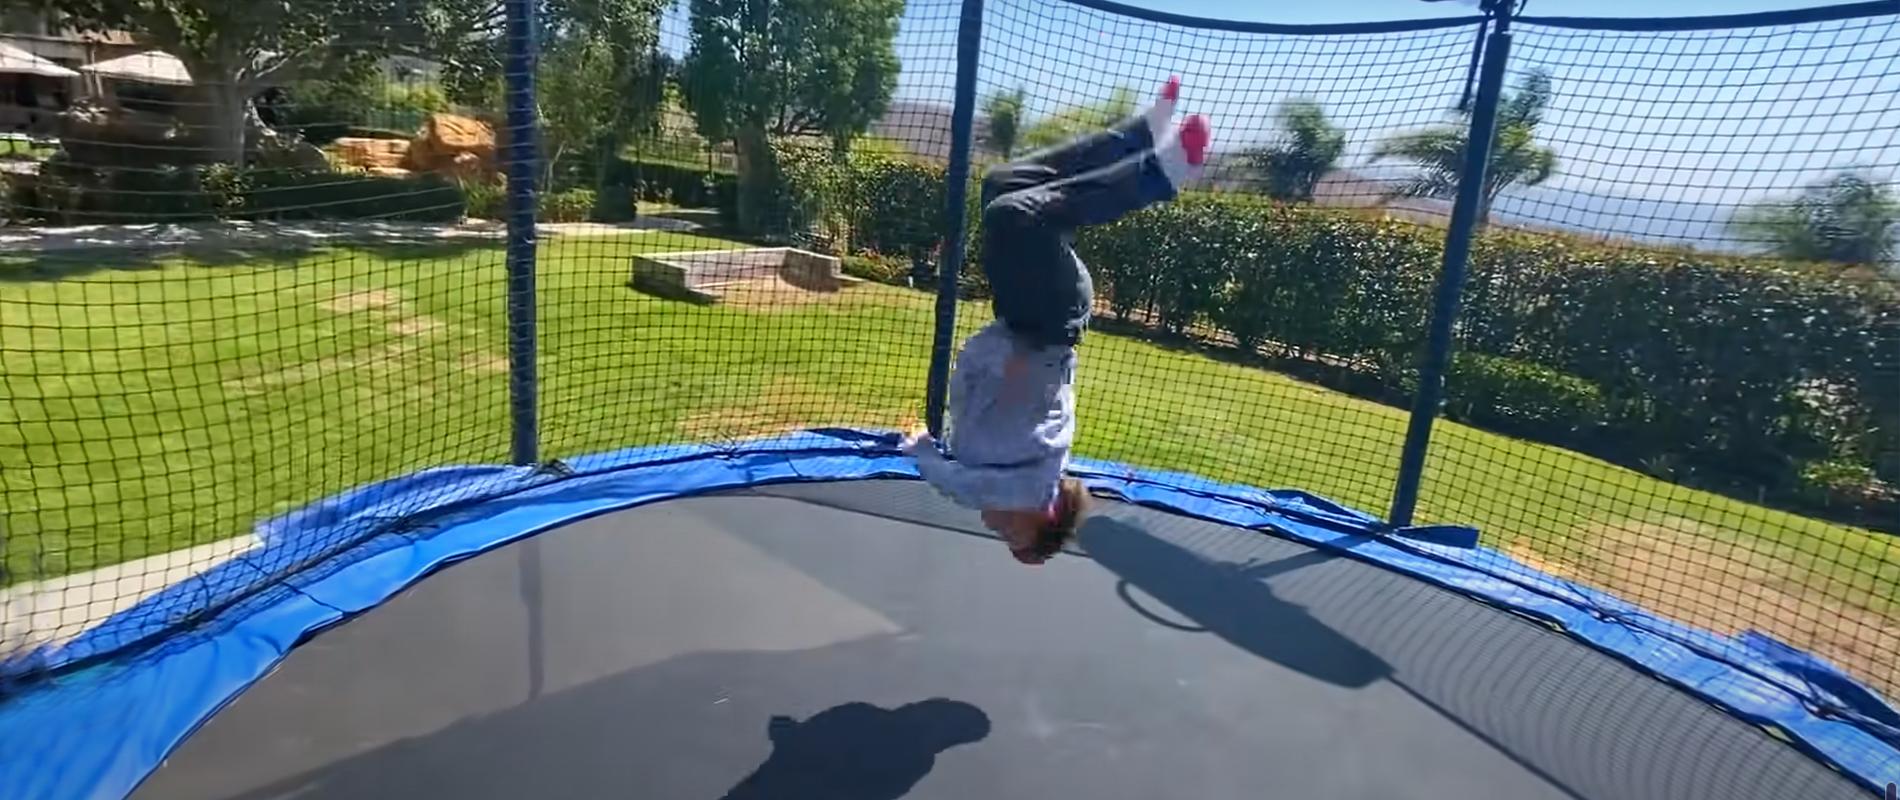 trampoline activities for preschoolers